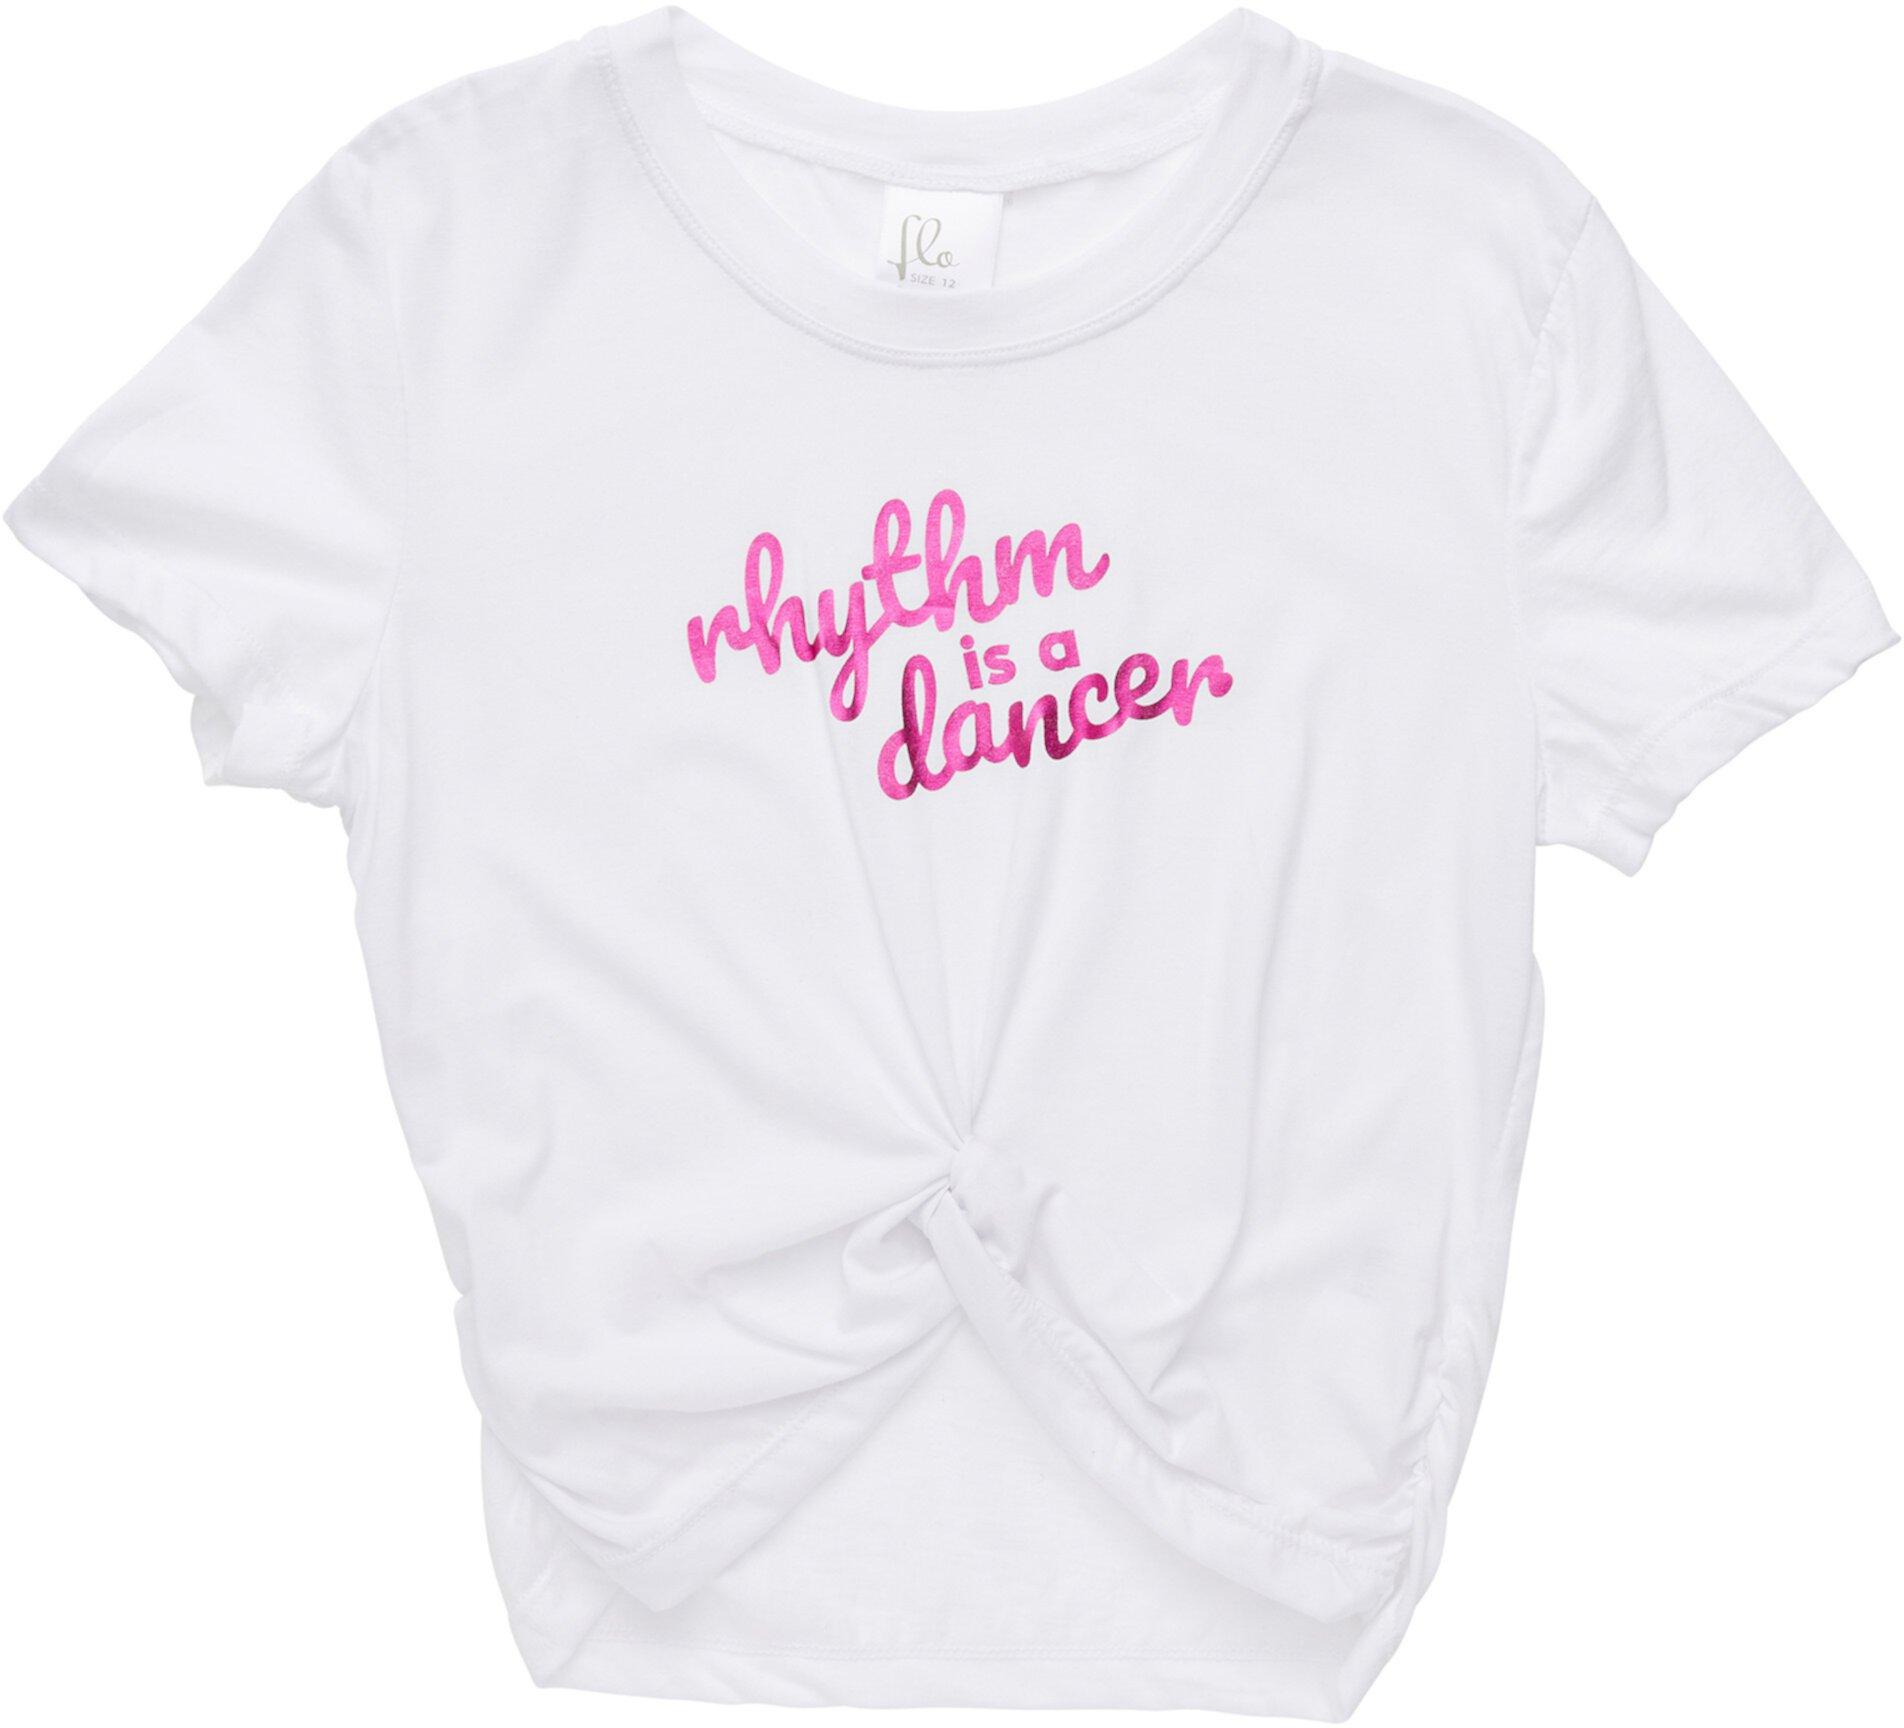 Укороченная футболка Mock Tie (для детей младшего и школьного возраста) Flo Active